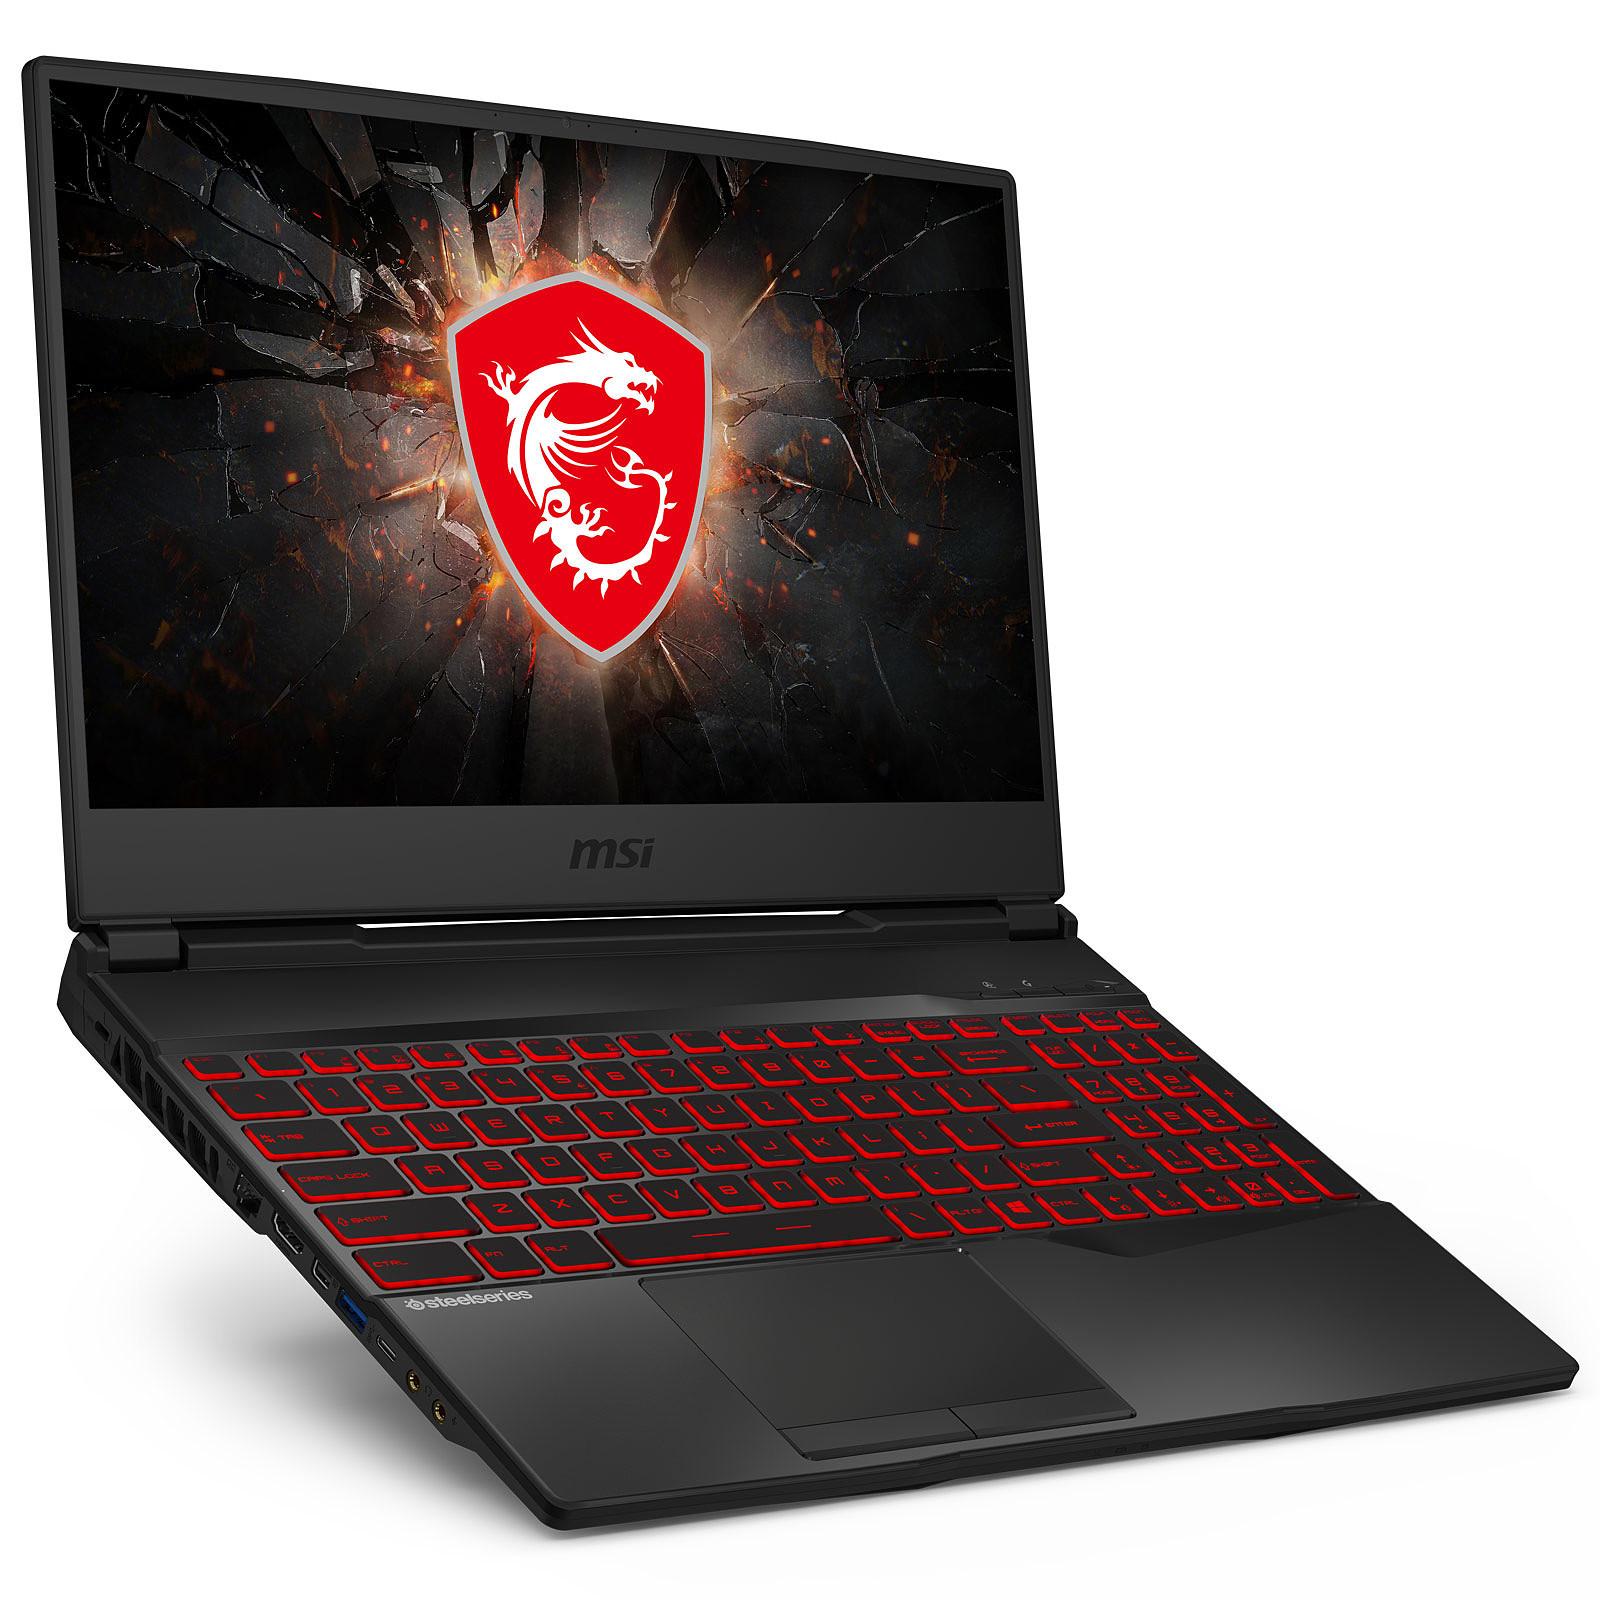 """MSI 15.6"""" GL65 9SE i7 Gaming Laptop i7-9750H, 16GB RAM, RTX 2060 image"""